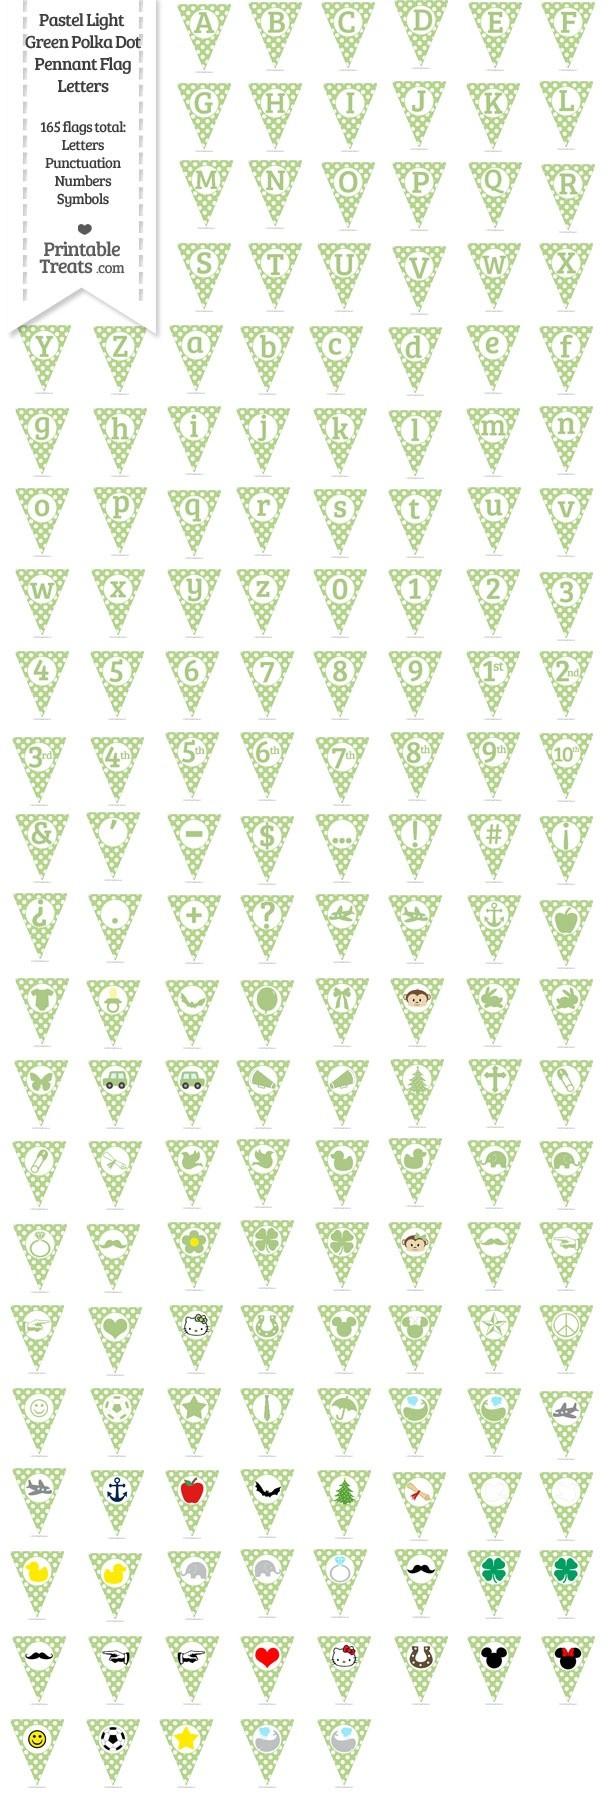 165 Pastel Light Green Polka Dot Pennant Flag Letters Password